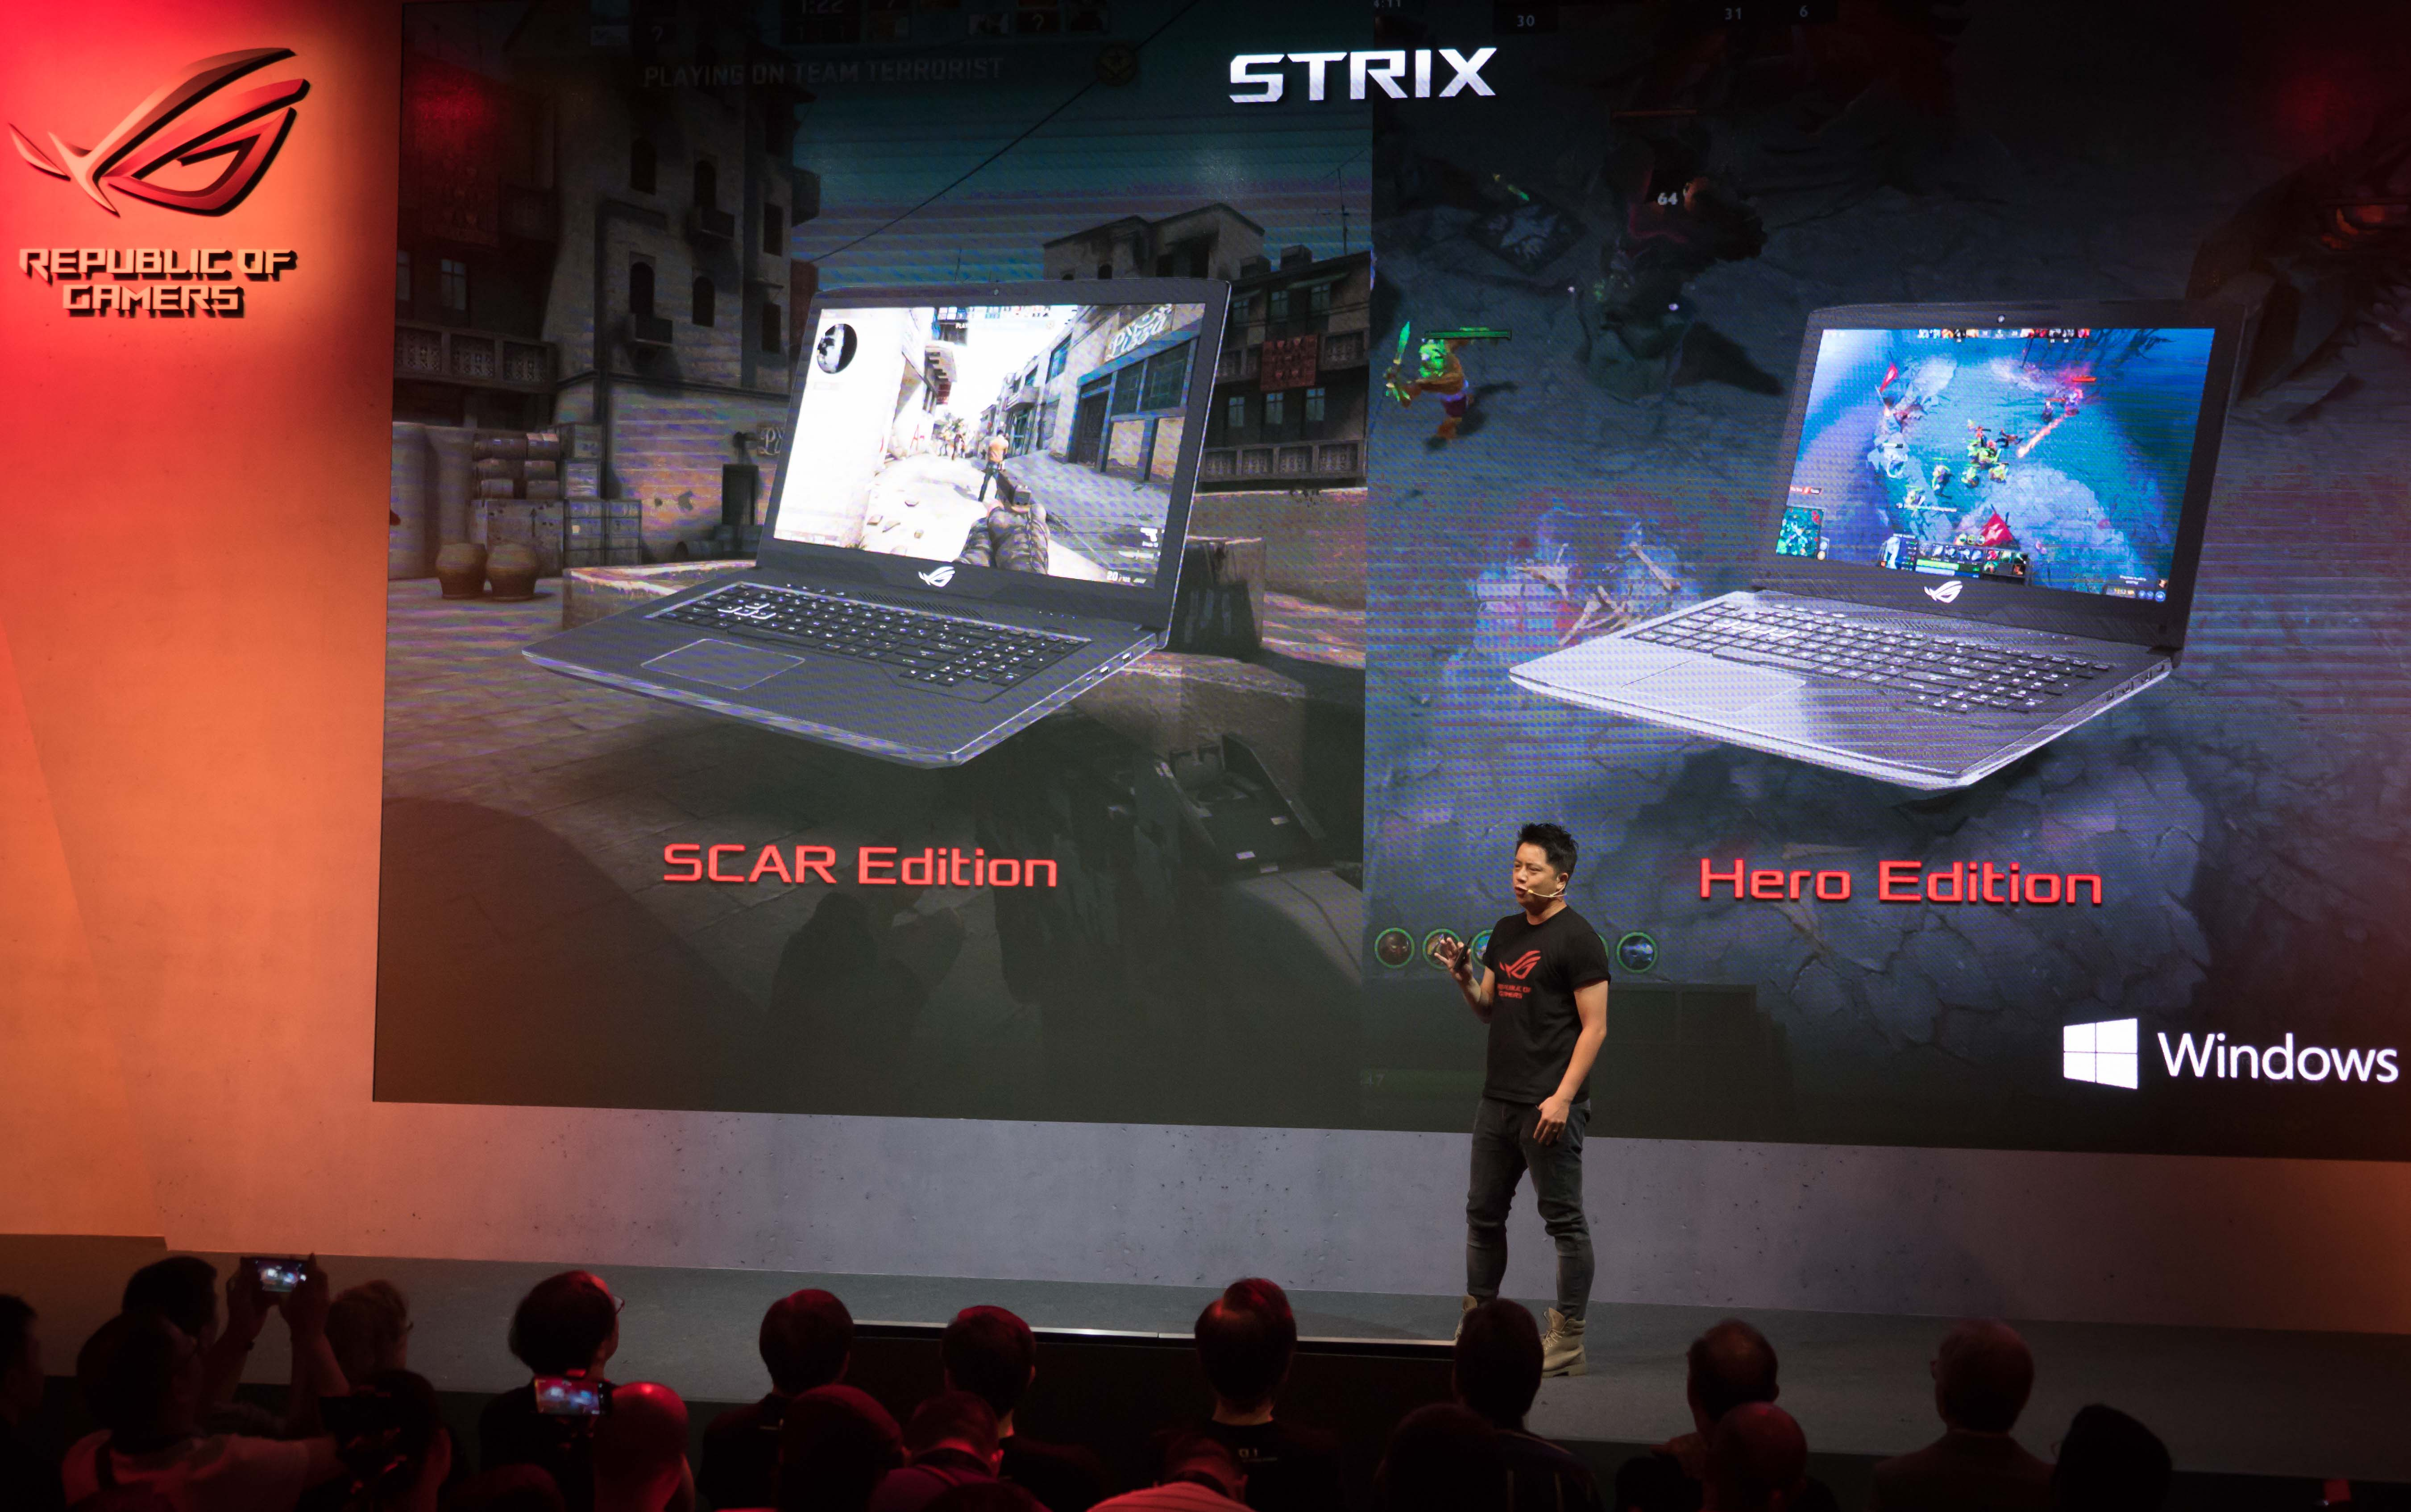 x299主板和超薄1080游戏本的盛宴 rog新品发布会图片